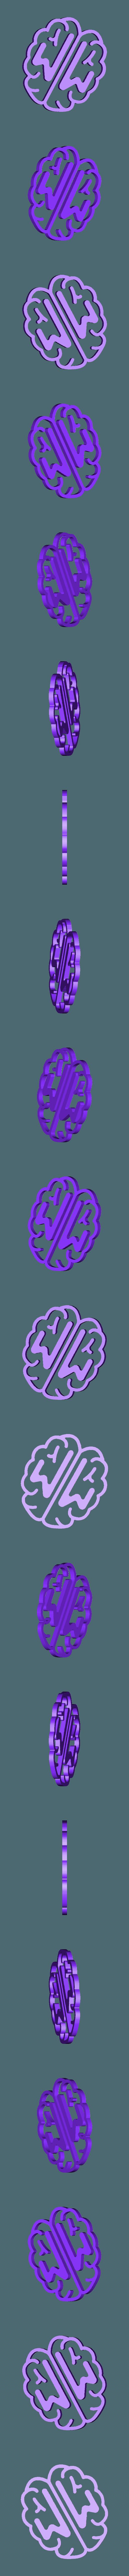 maker_mind_symbol_insert_bigger_tolerance.stl Download free STL file Pencil Case With A Twist • 3D printing design, MakerMind